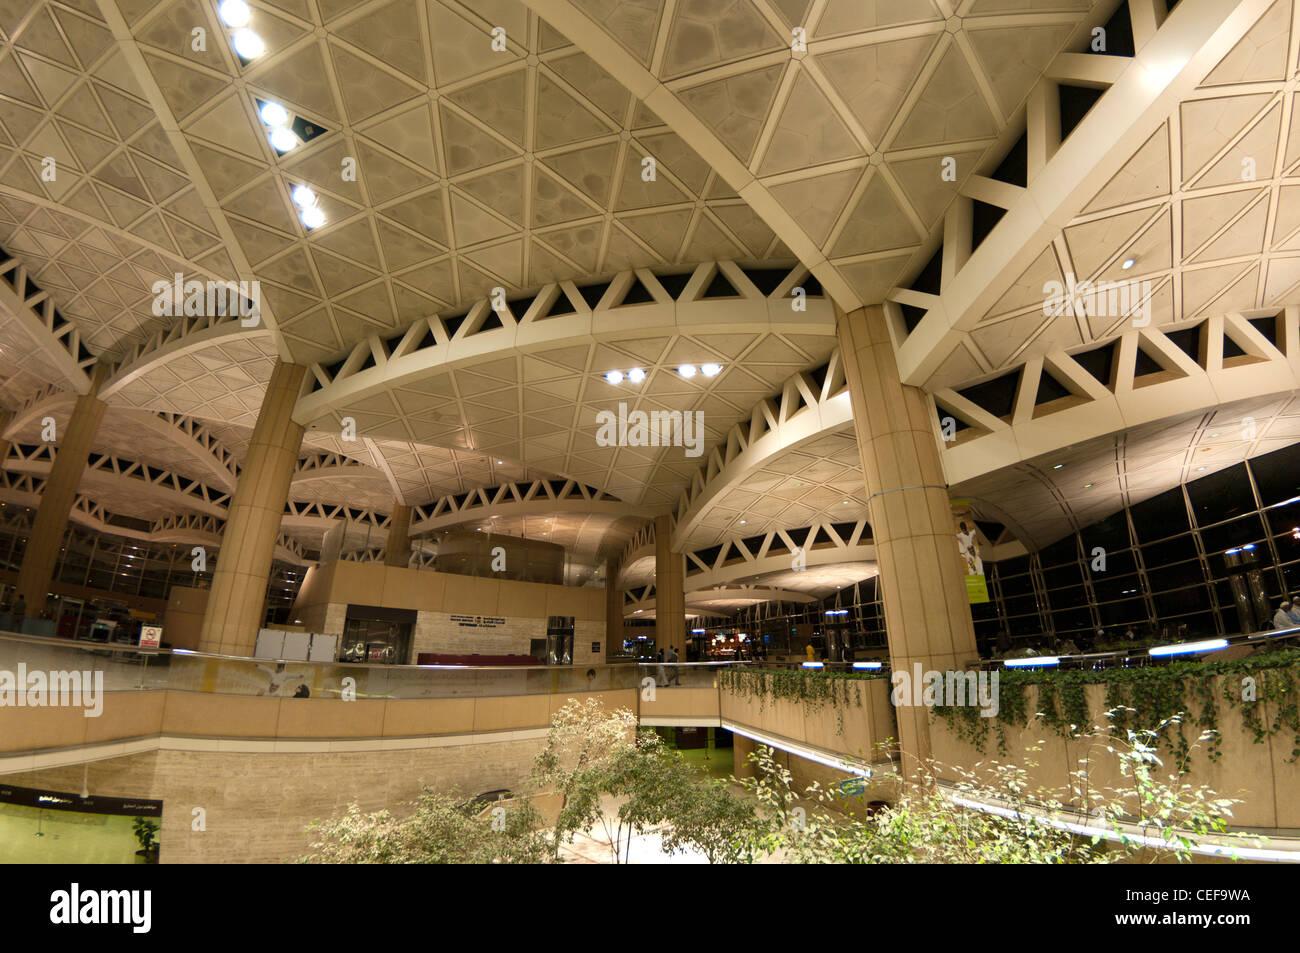 Aeropuerto de Riad en Arabia Saudita, Imagen De Stock